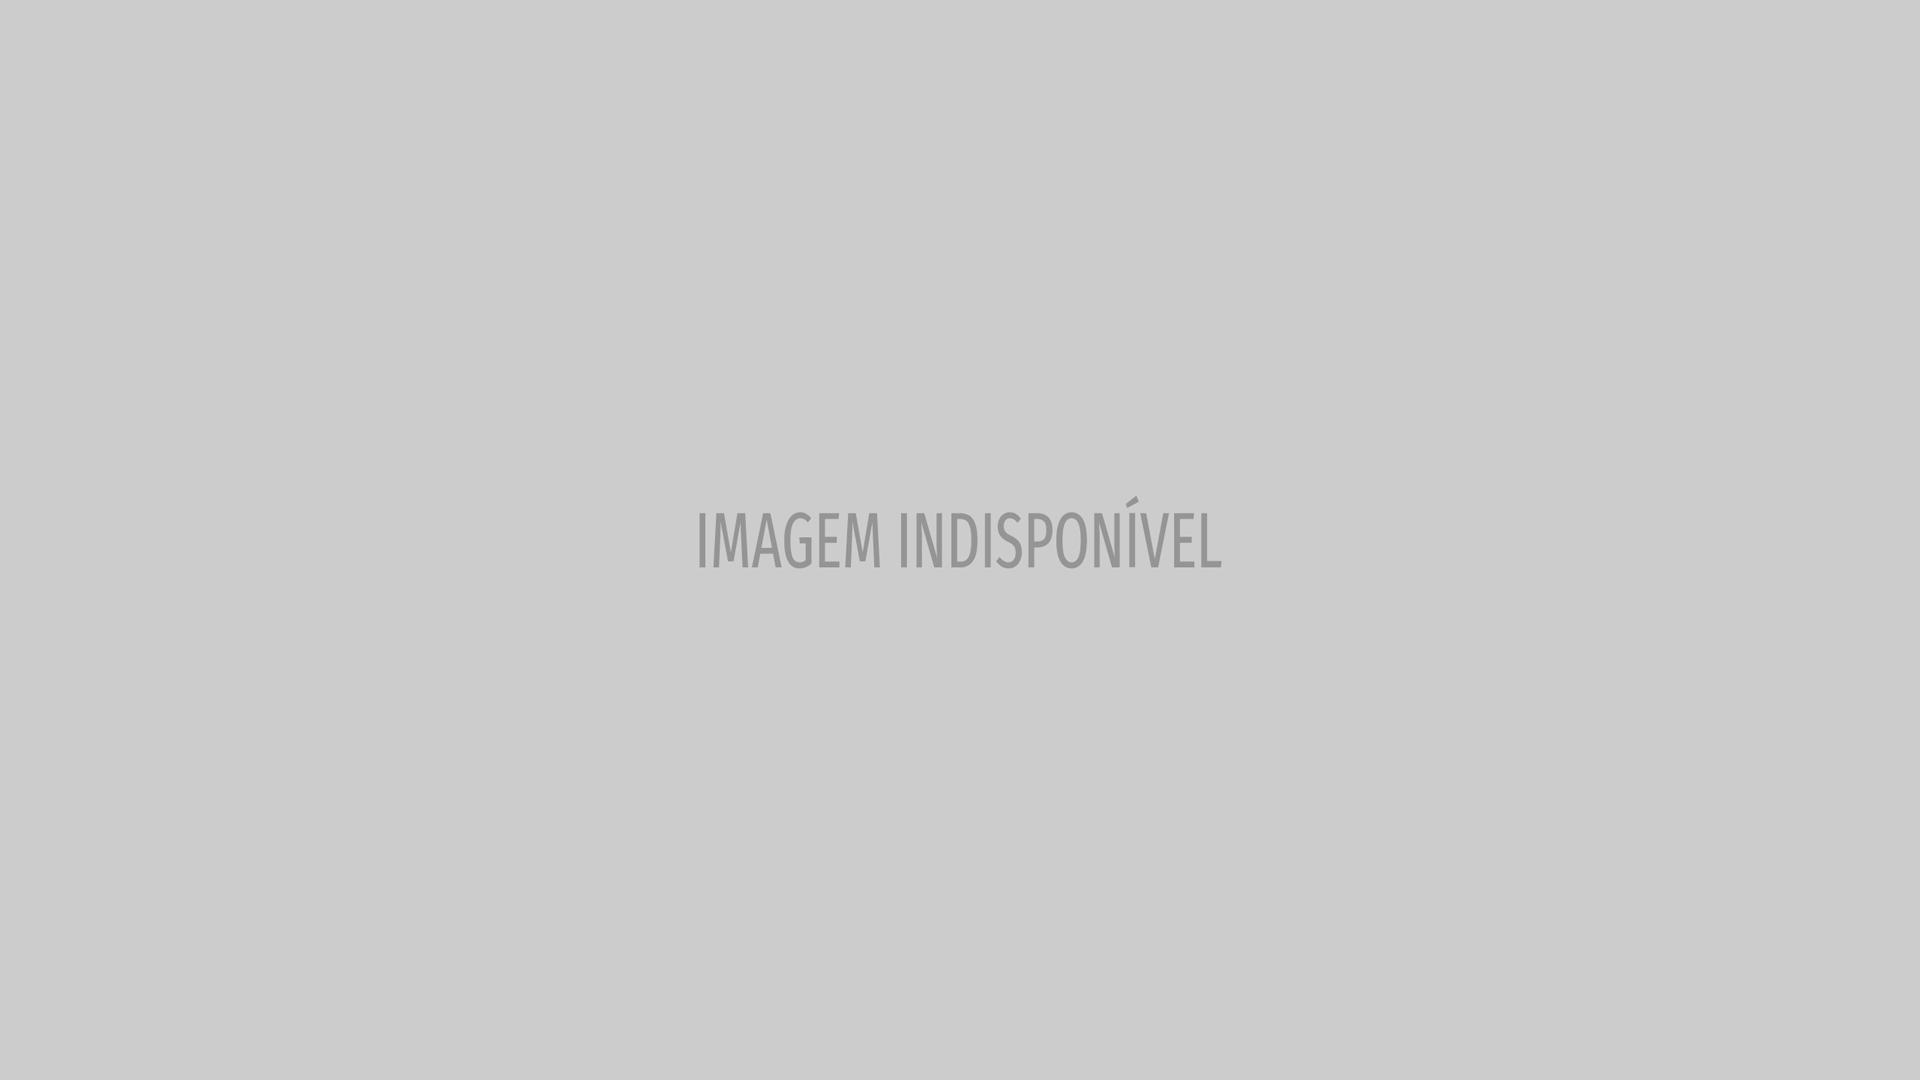 Pe Lanza e namorada são acusados de agressão pela mãe do músico